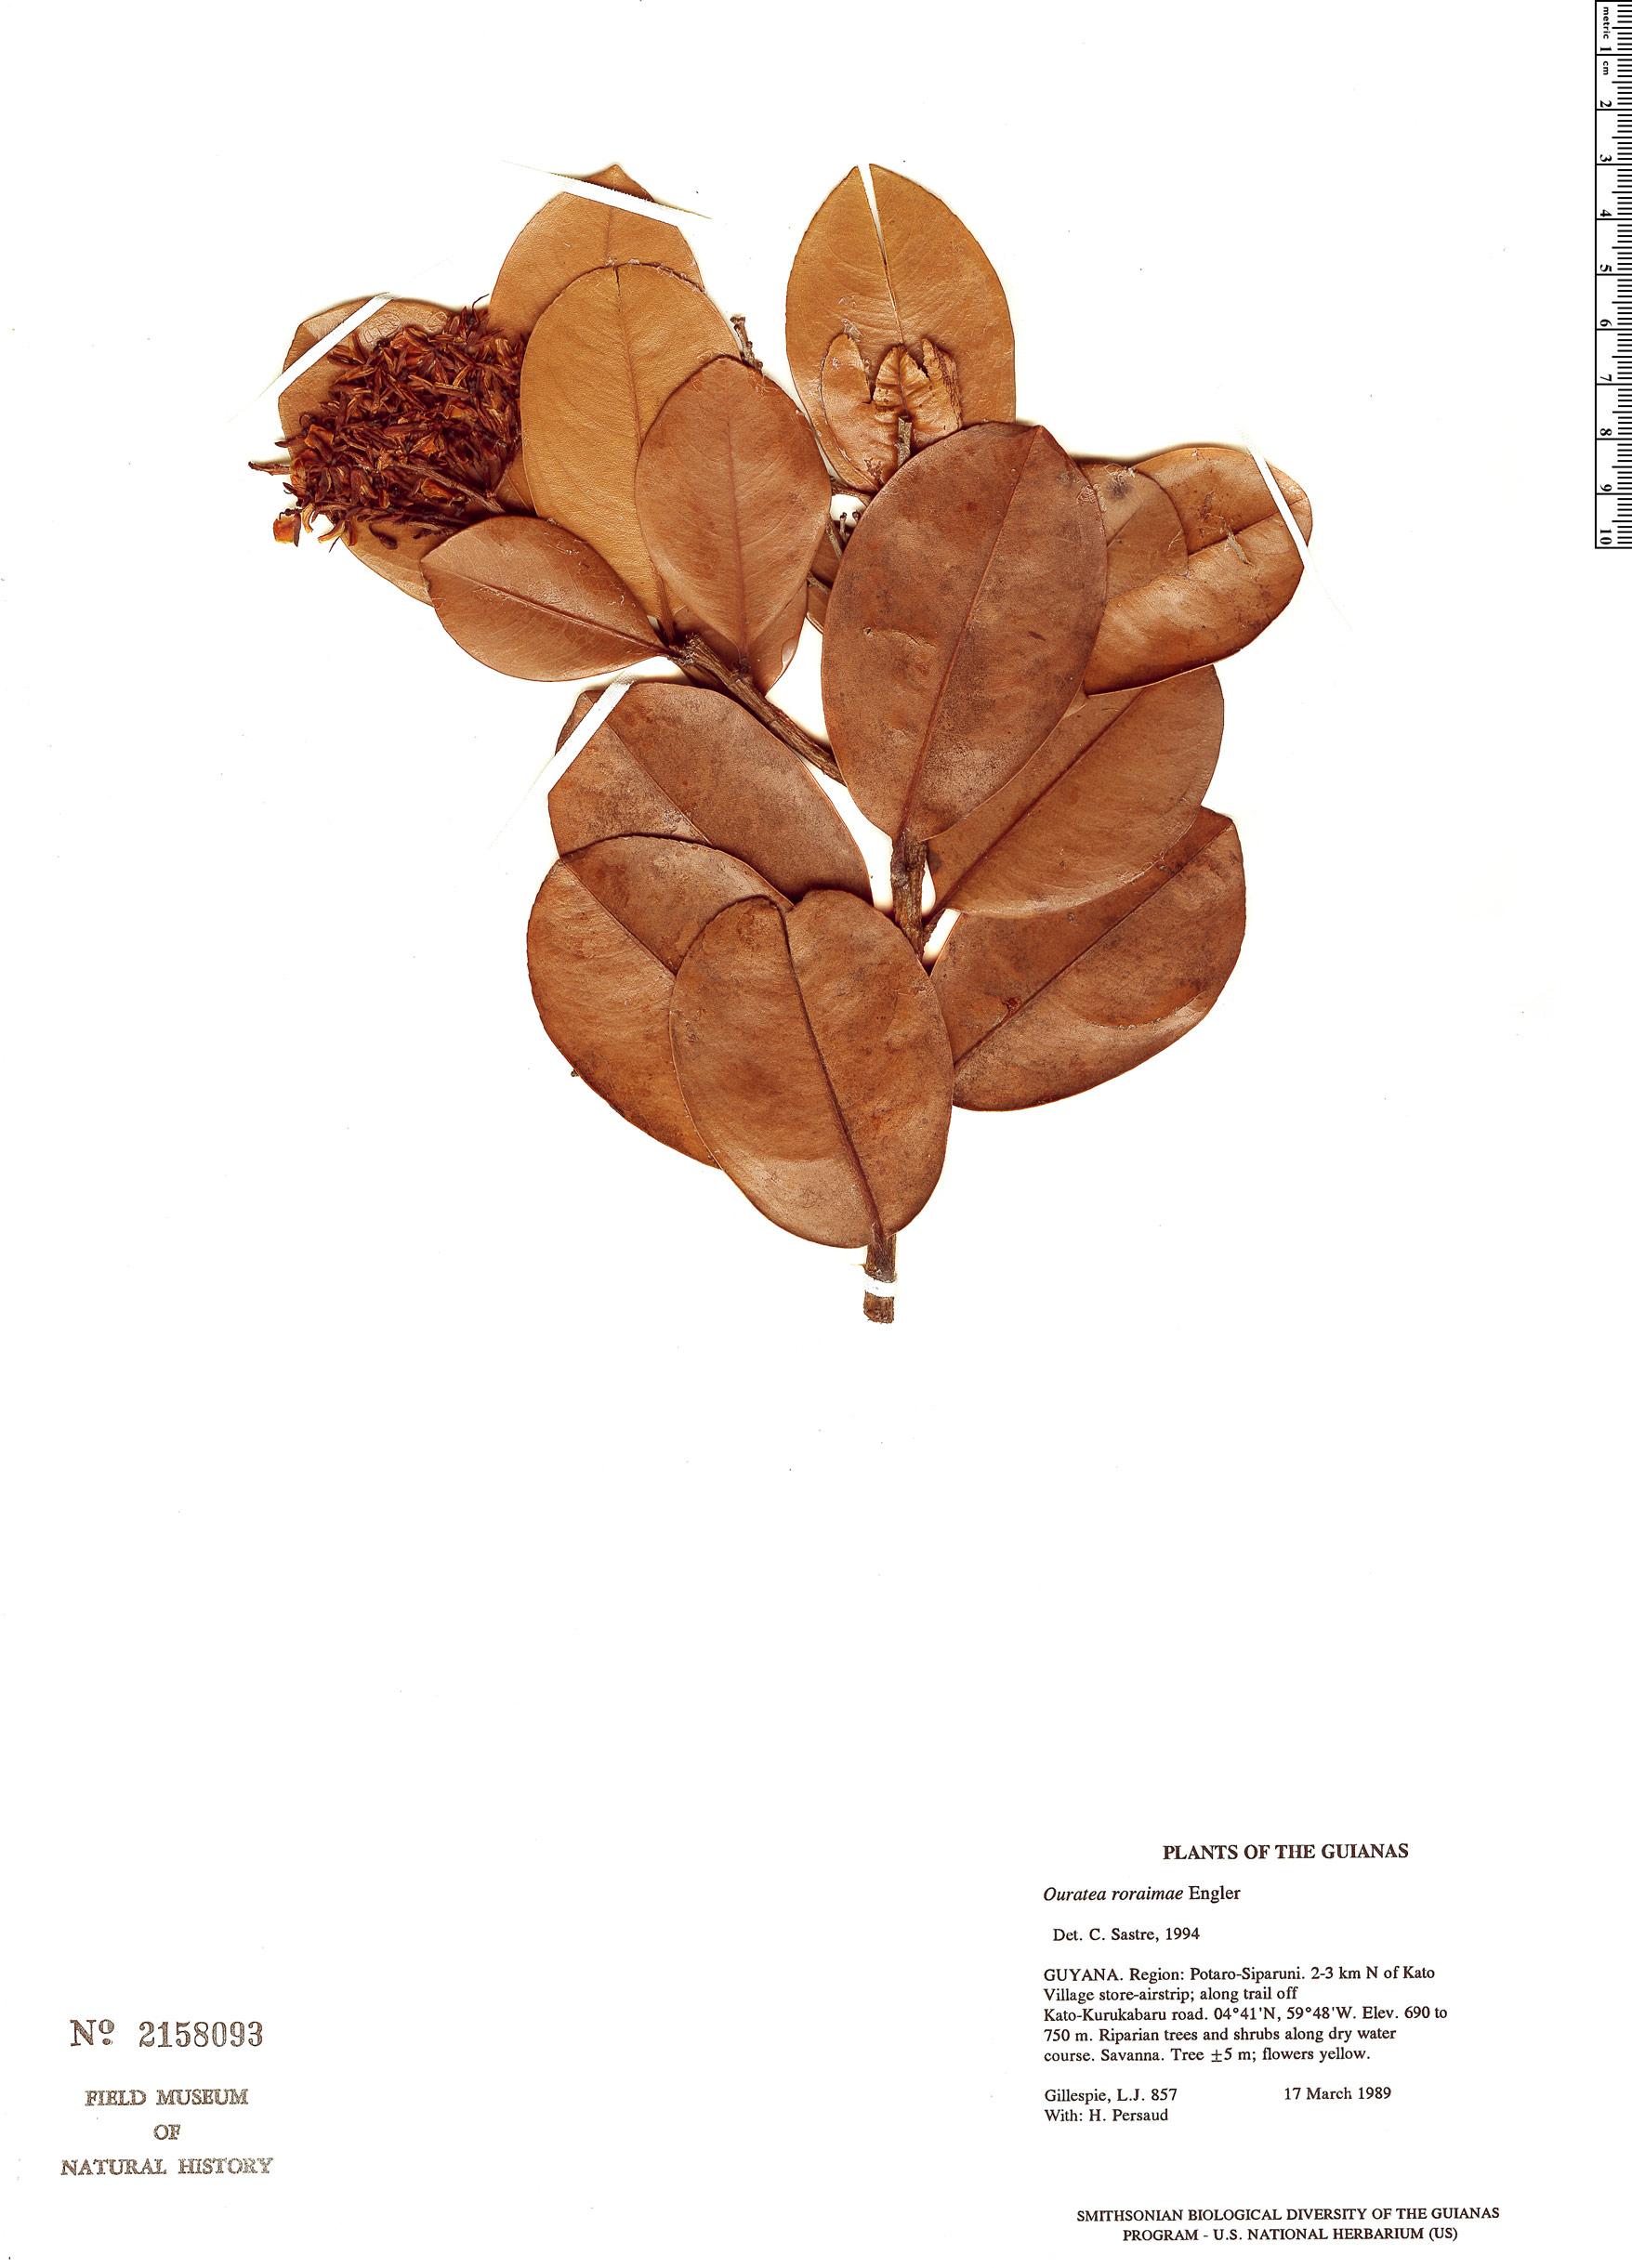 Specimen: Ouratea roraimae